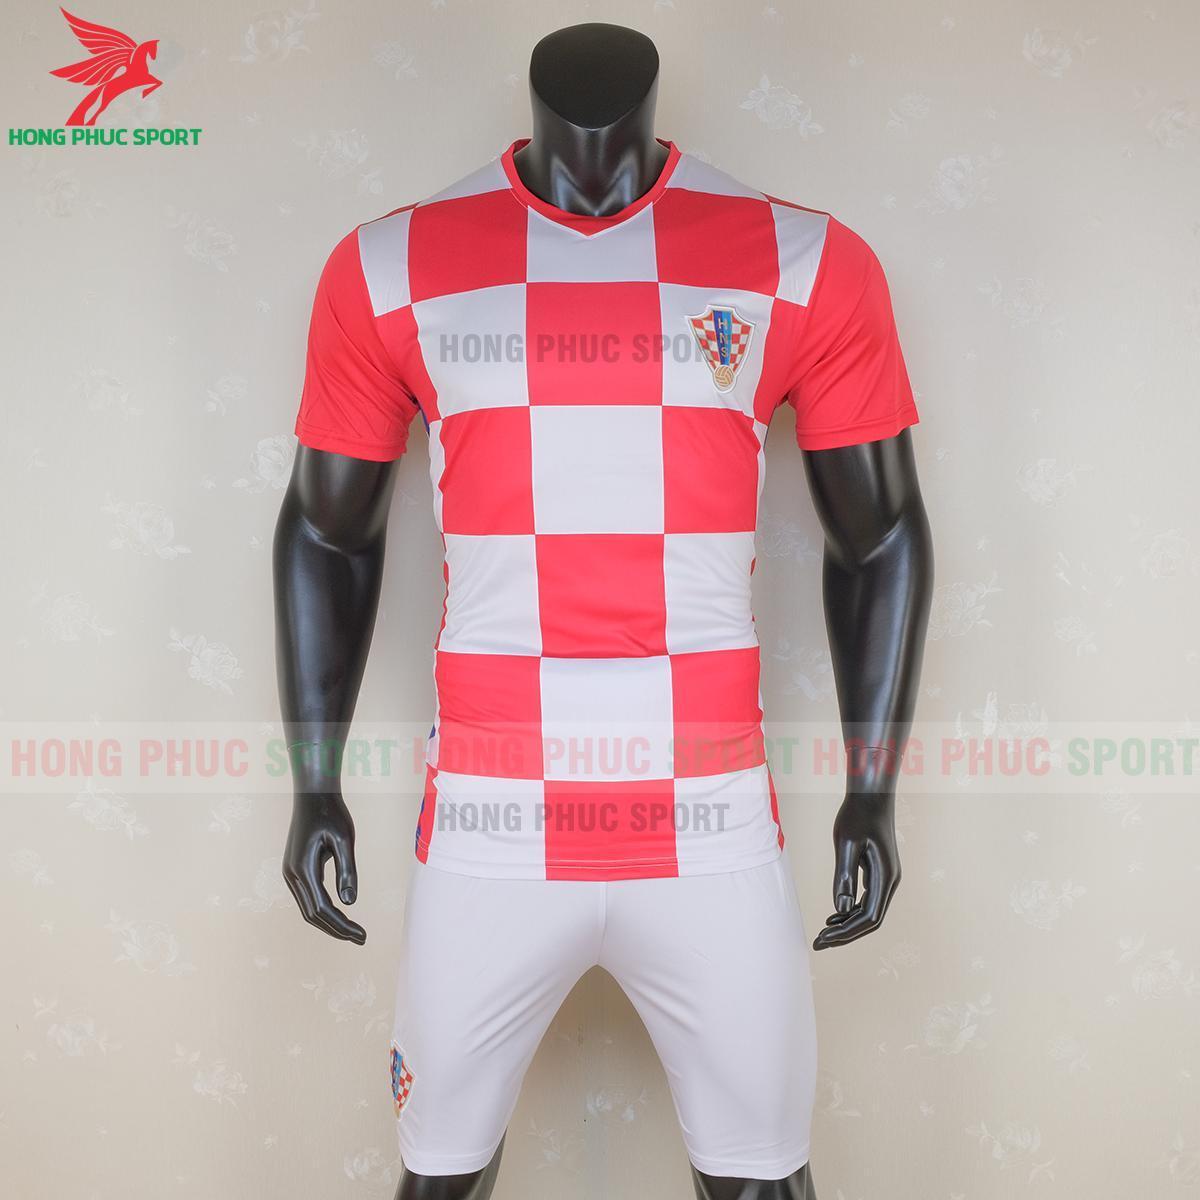 Áo đấu tuyển Croatia 2020 sân nhà 1 (trước)